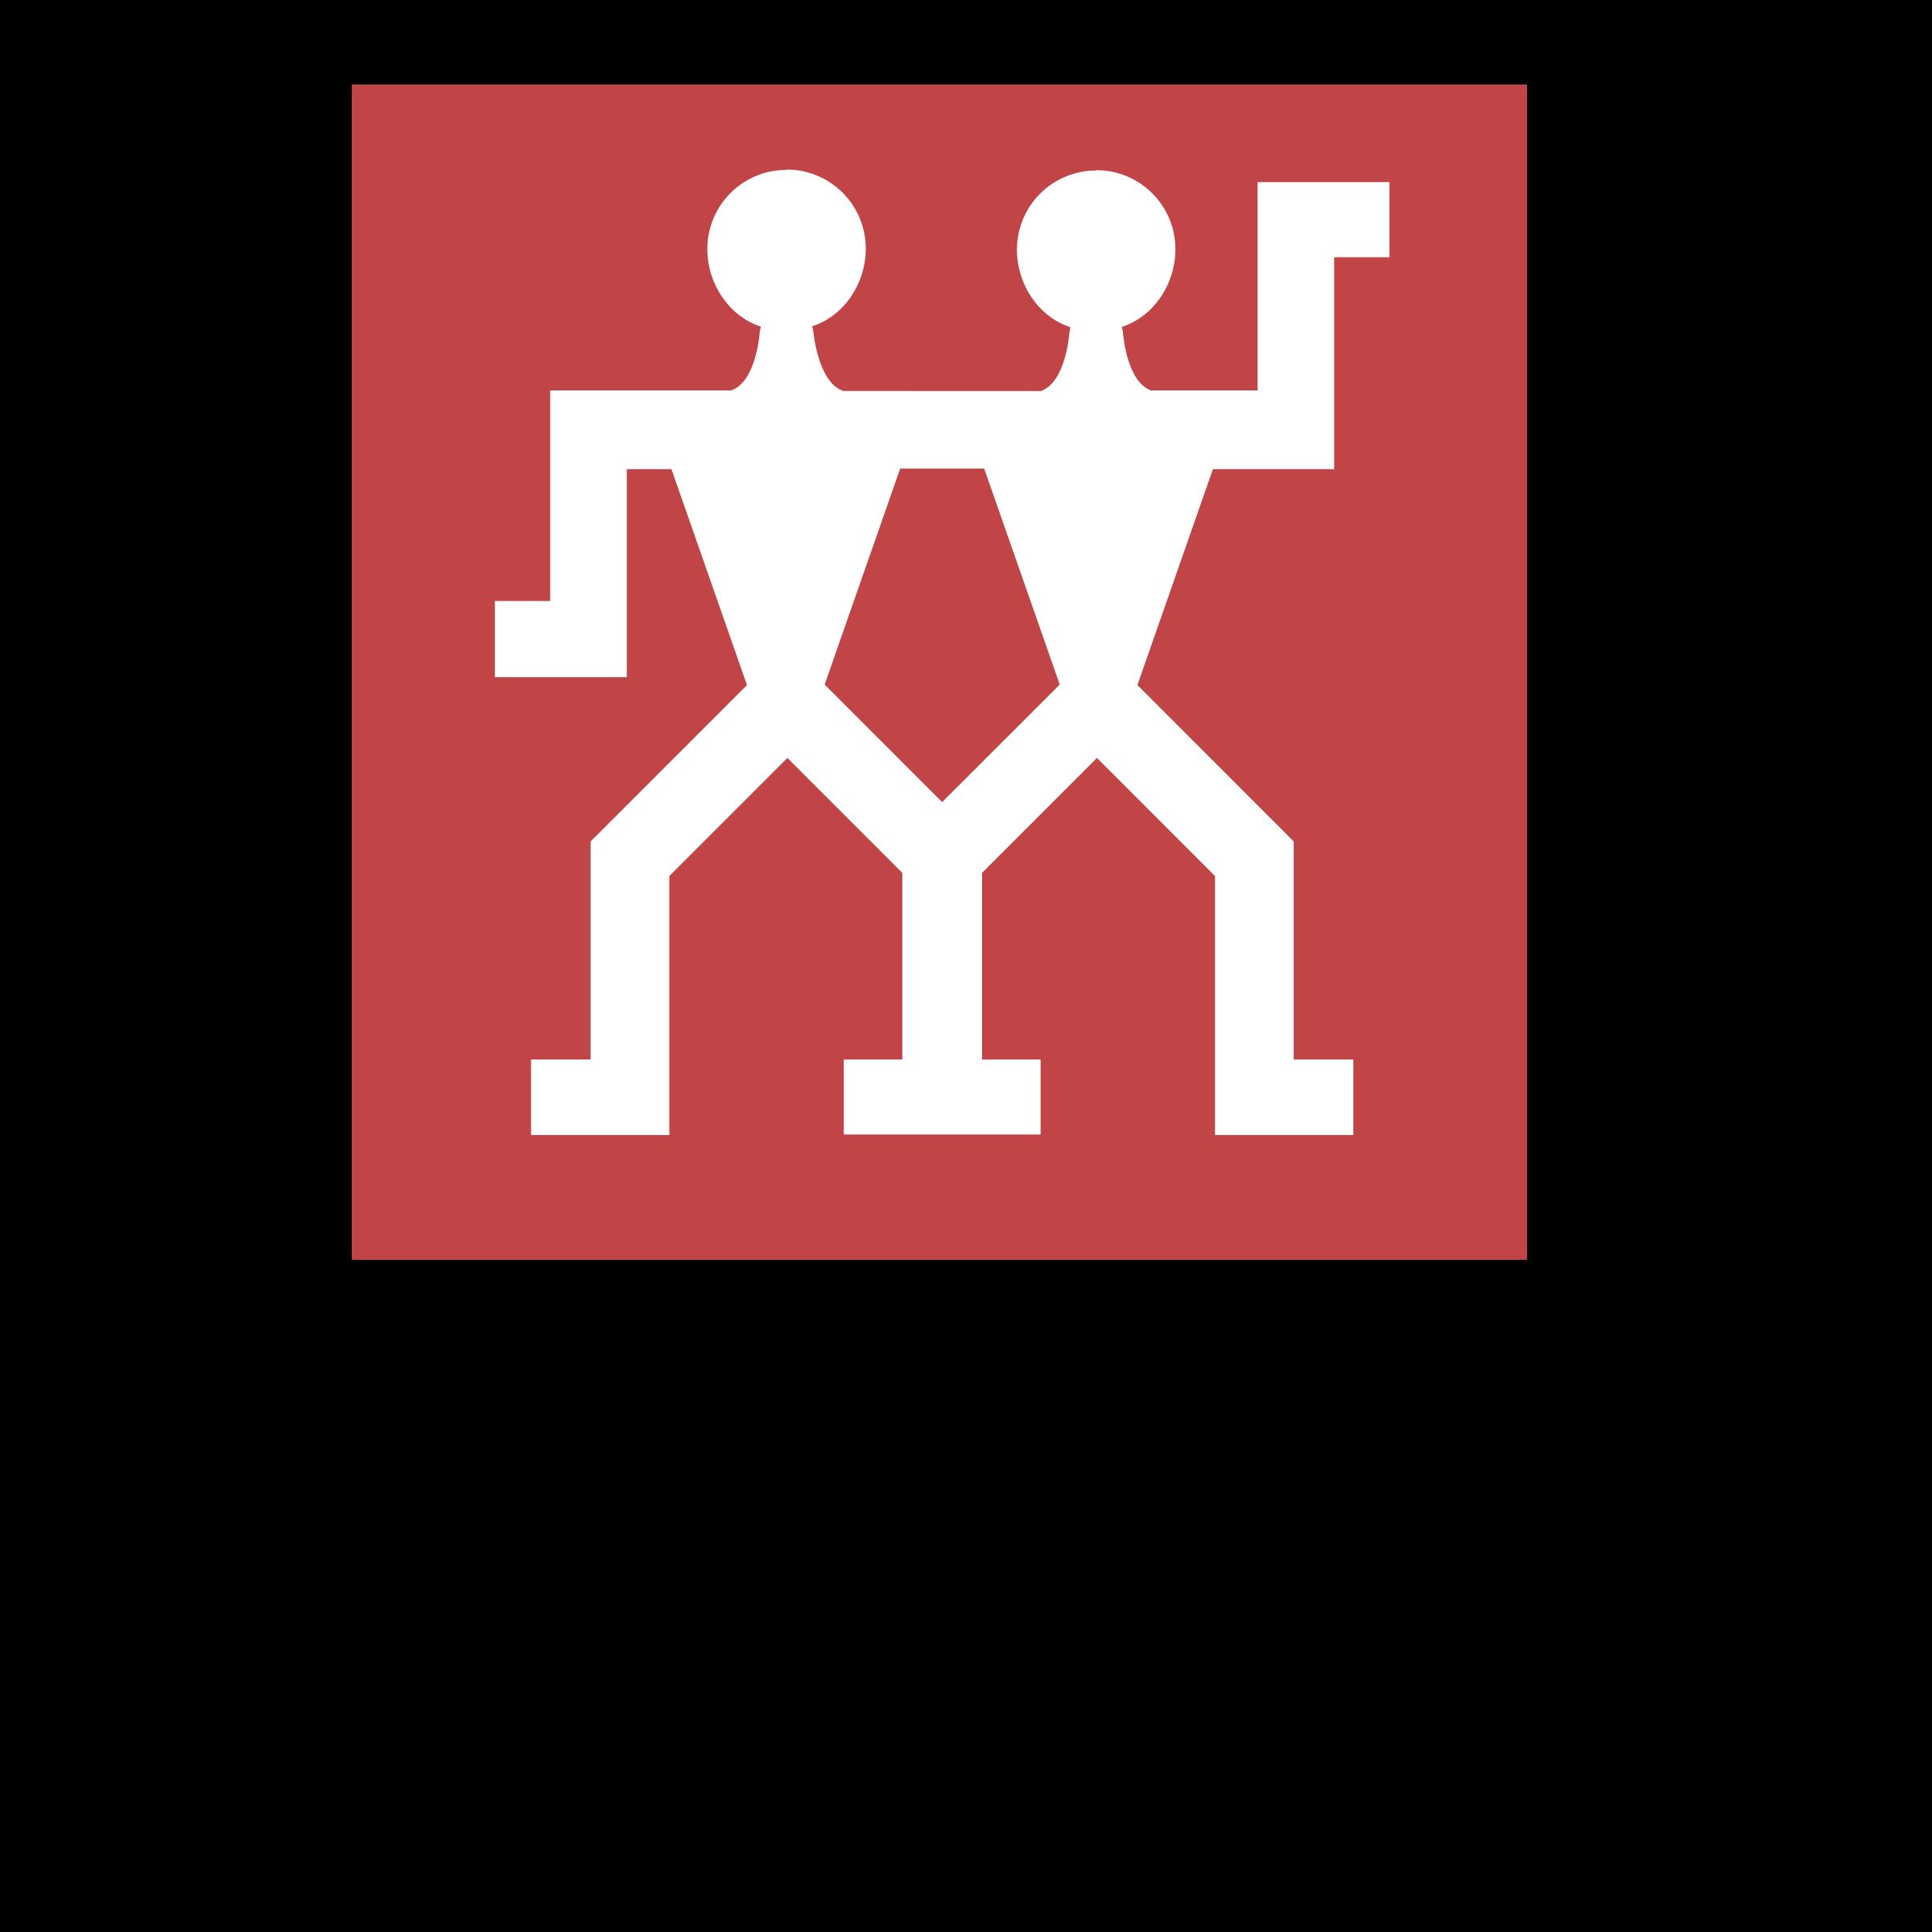 zwilling-j-a-henckels-logo-png-transparent